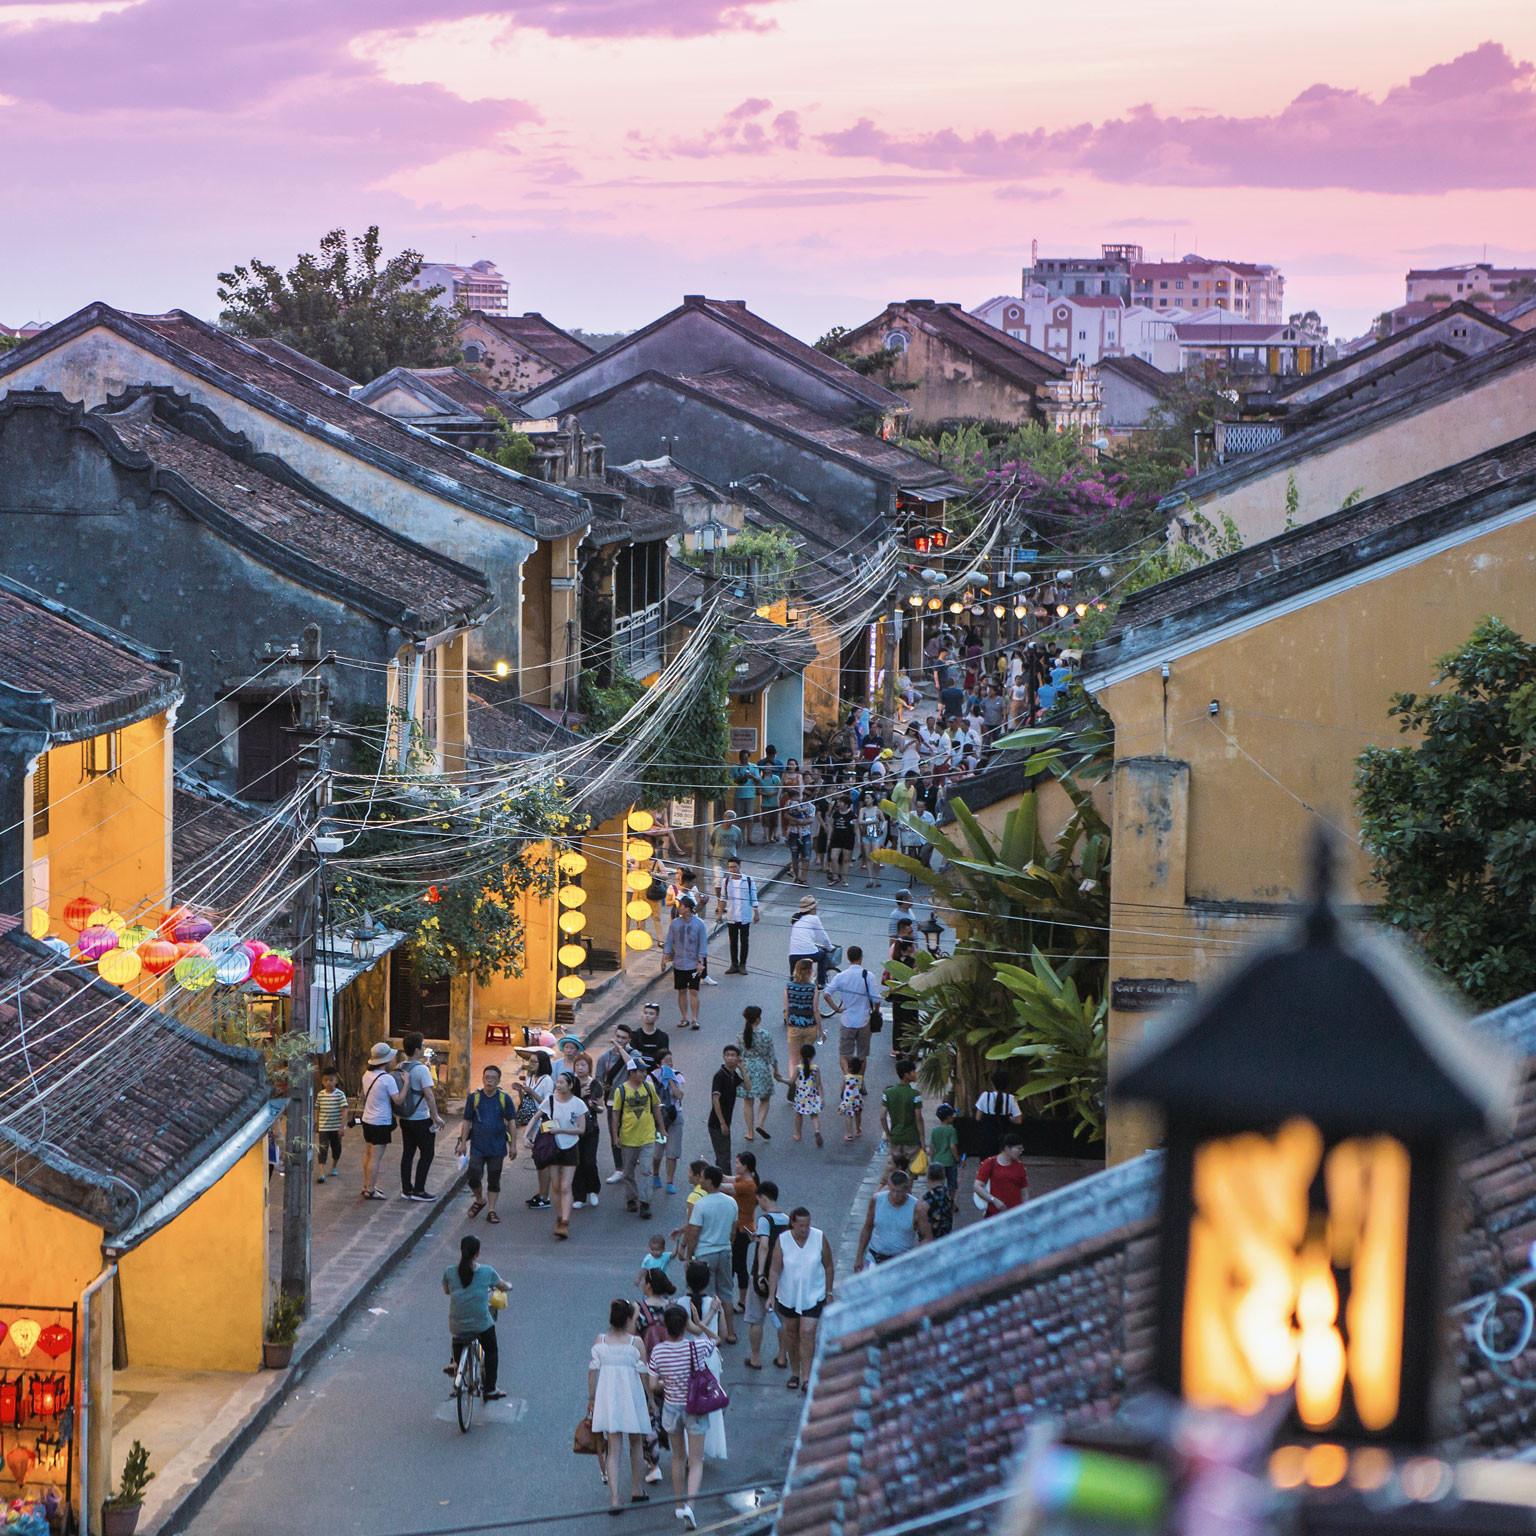 Ngành du lịch giữa COVID-19: Việt Nam đẩy nhanh tốc độ phục hồi bằng cách nào? - Ảnh 2.